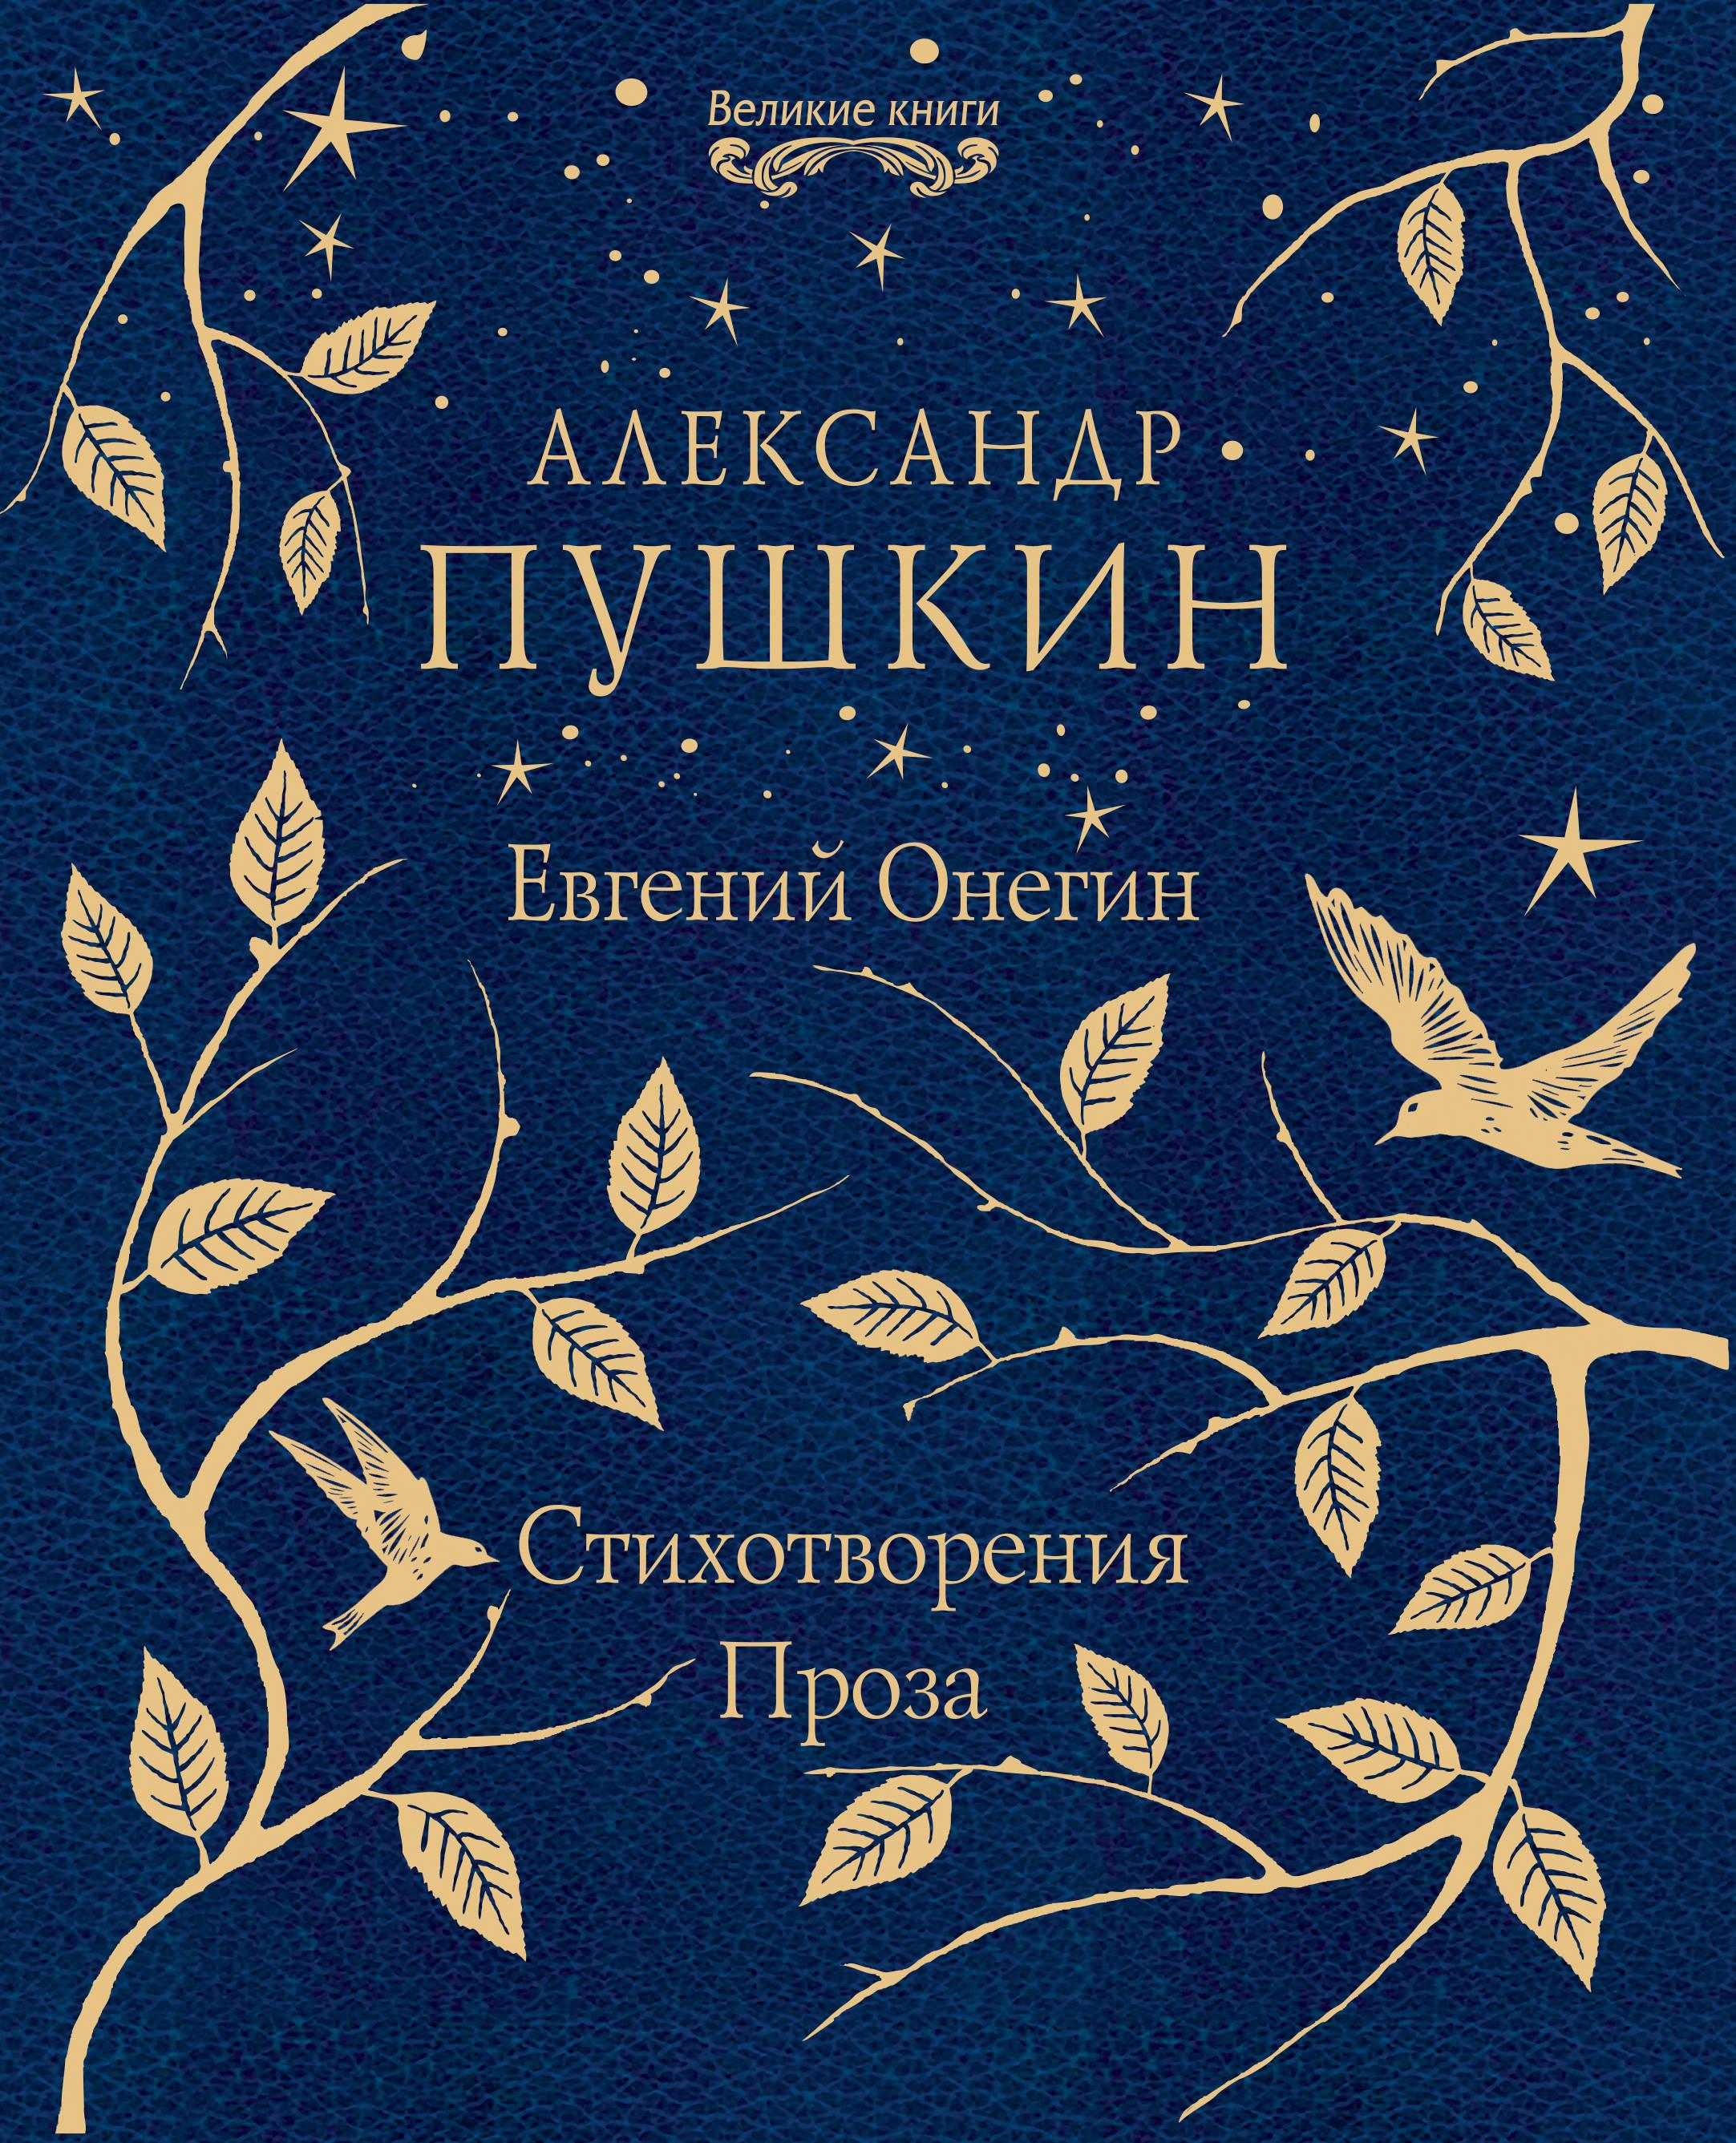 Evgenij Onegin. Stikhotvorenija. Proza